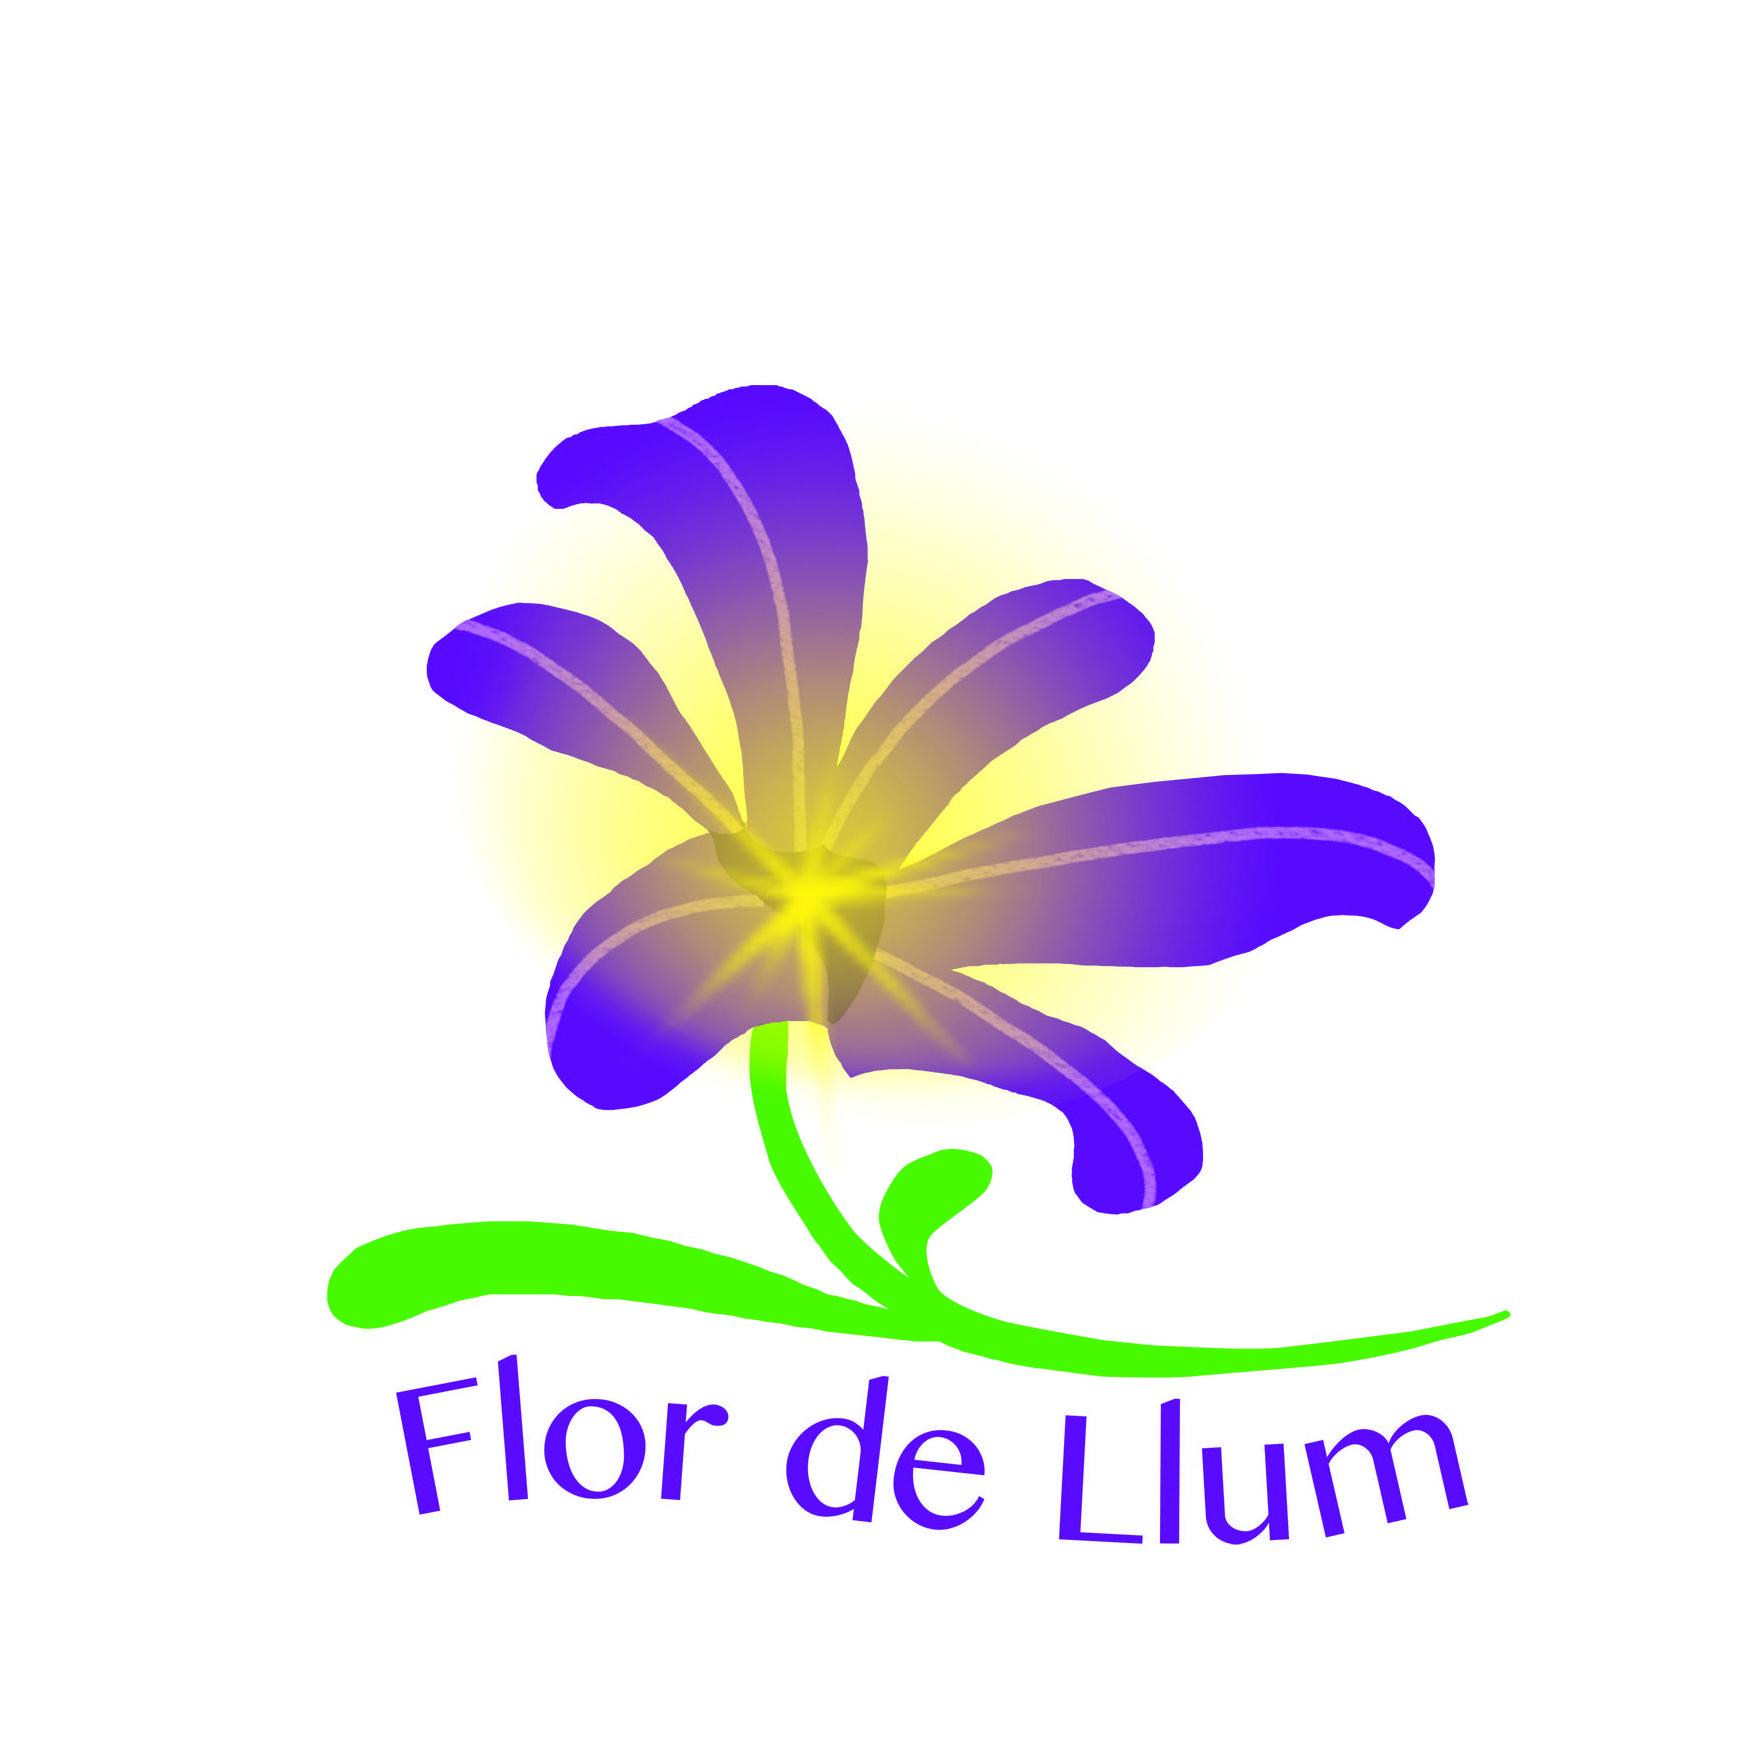 imatge flor de llum